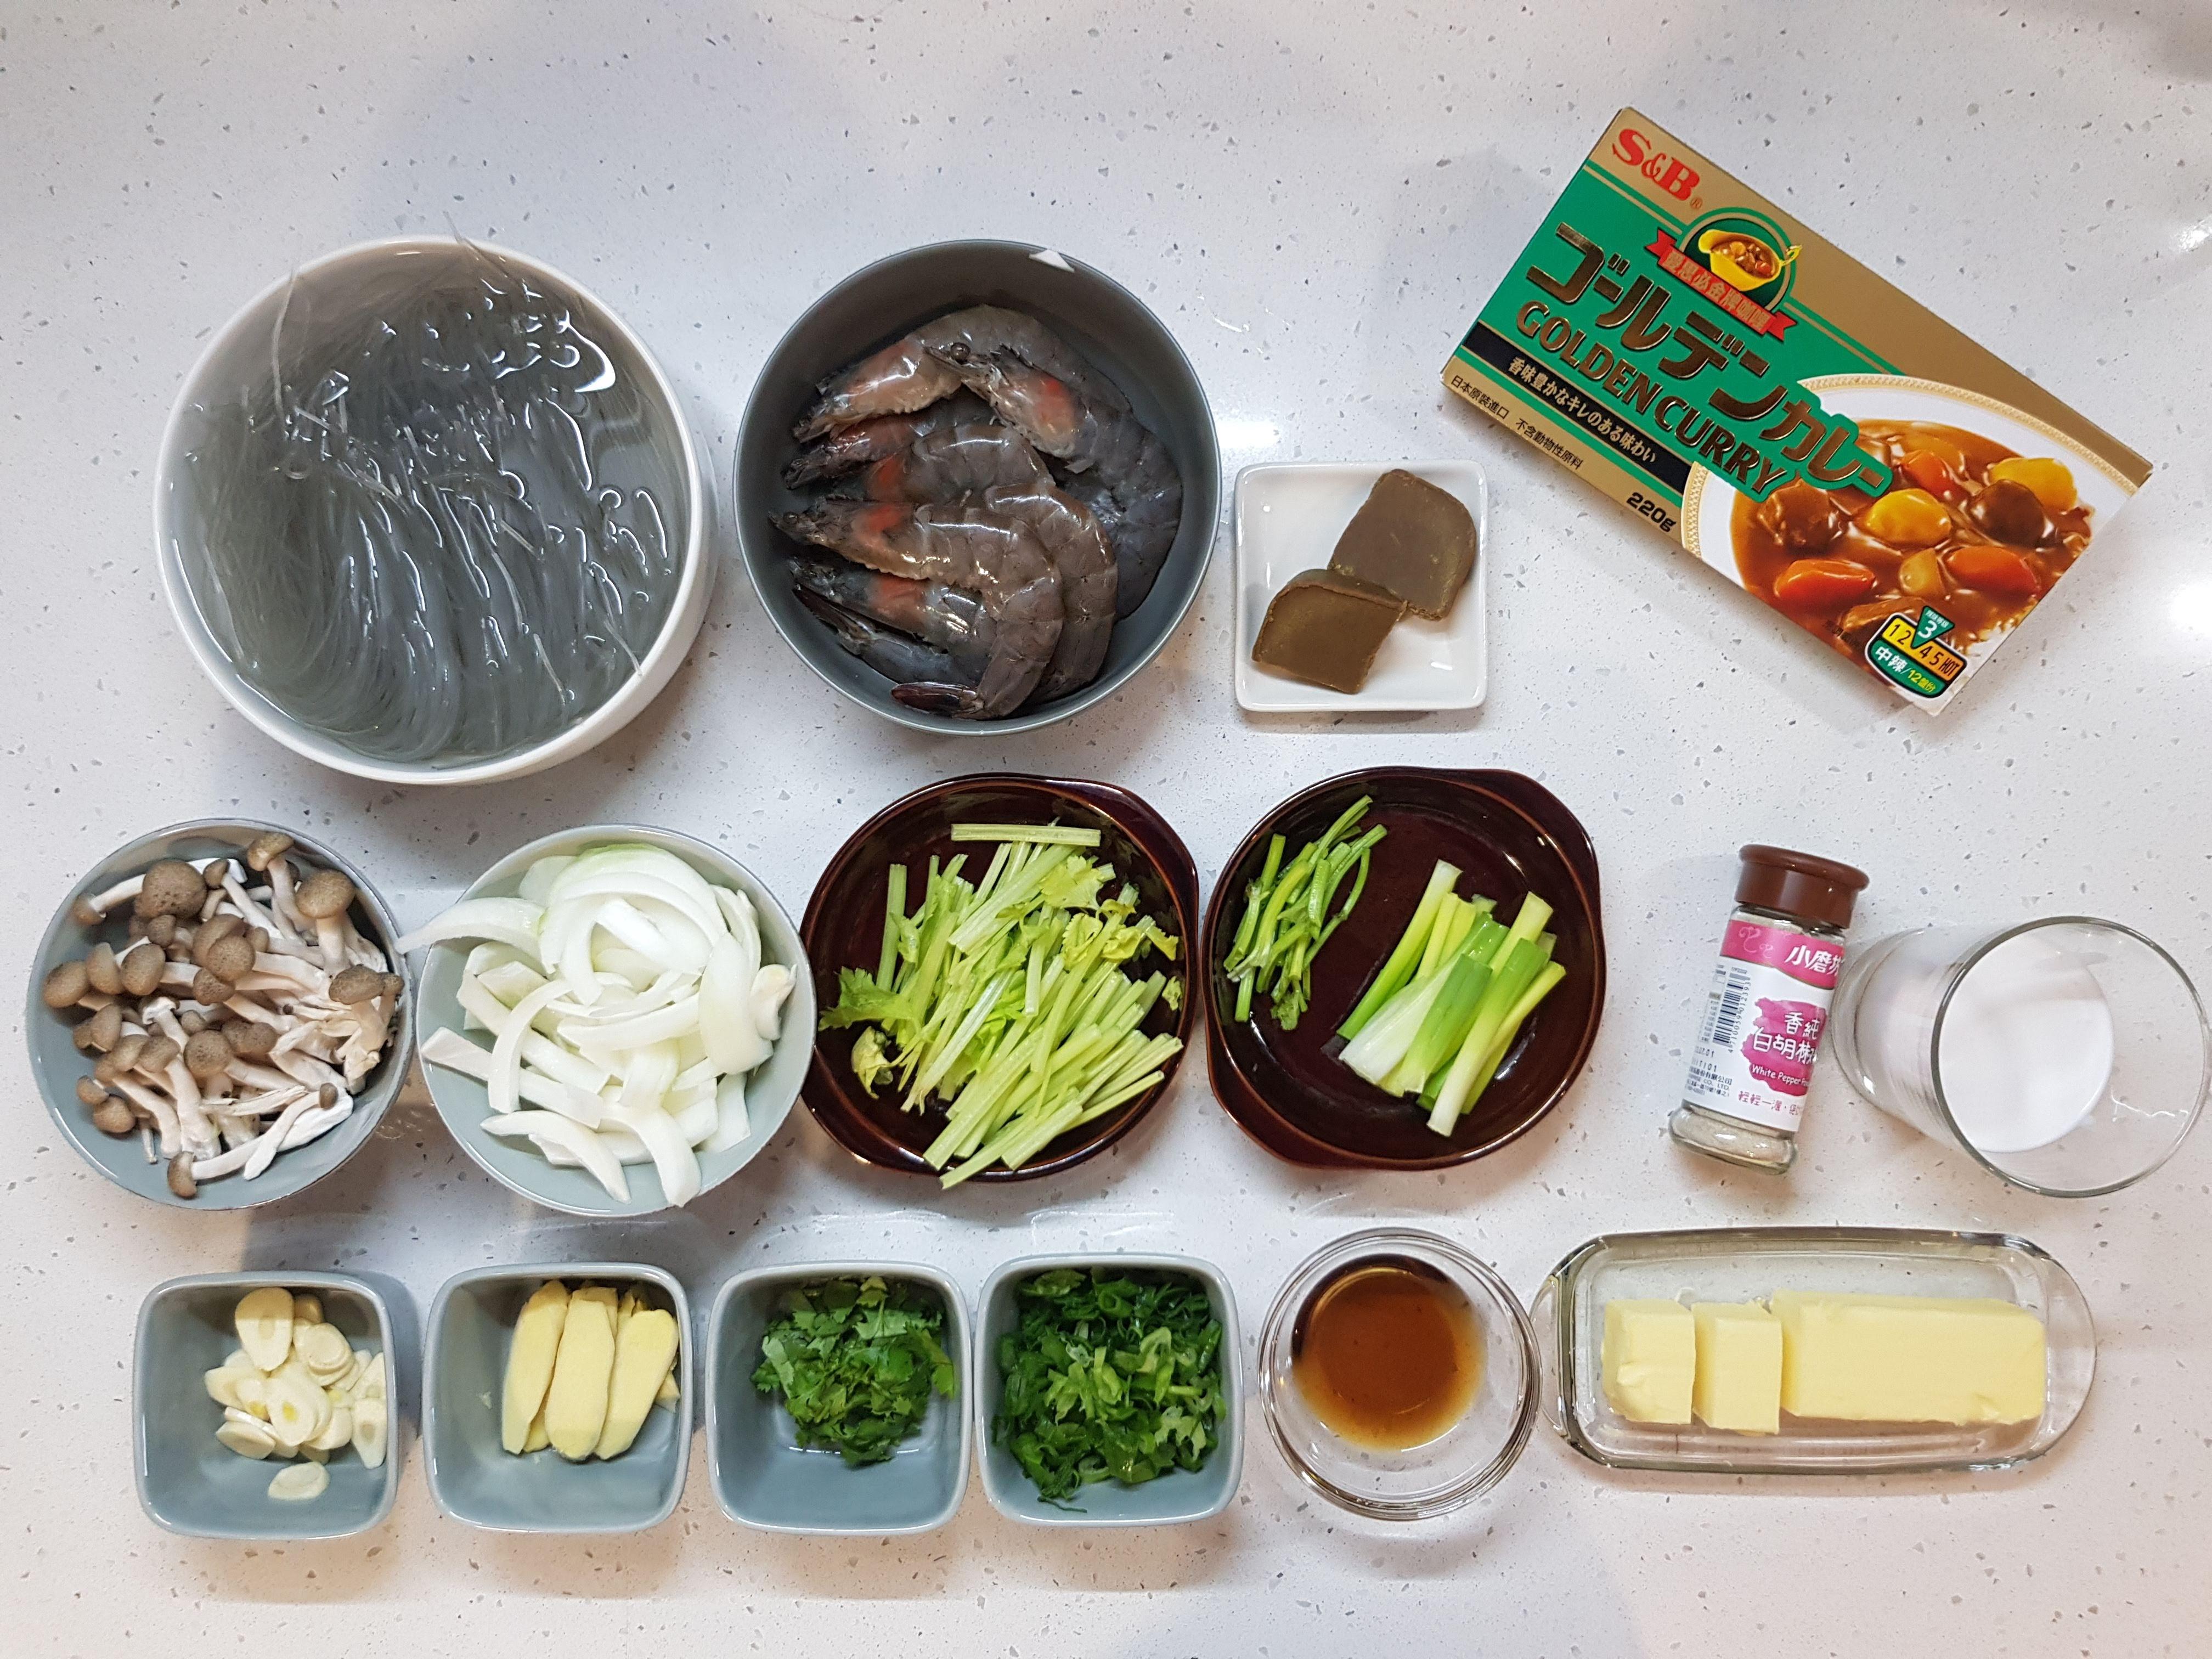 美味百搭的料理好咖,S&B愛思必金牌咖哩塊的第 4 張圖片